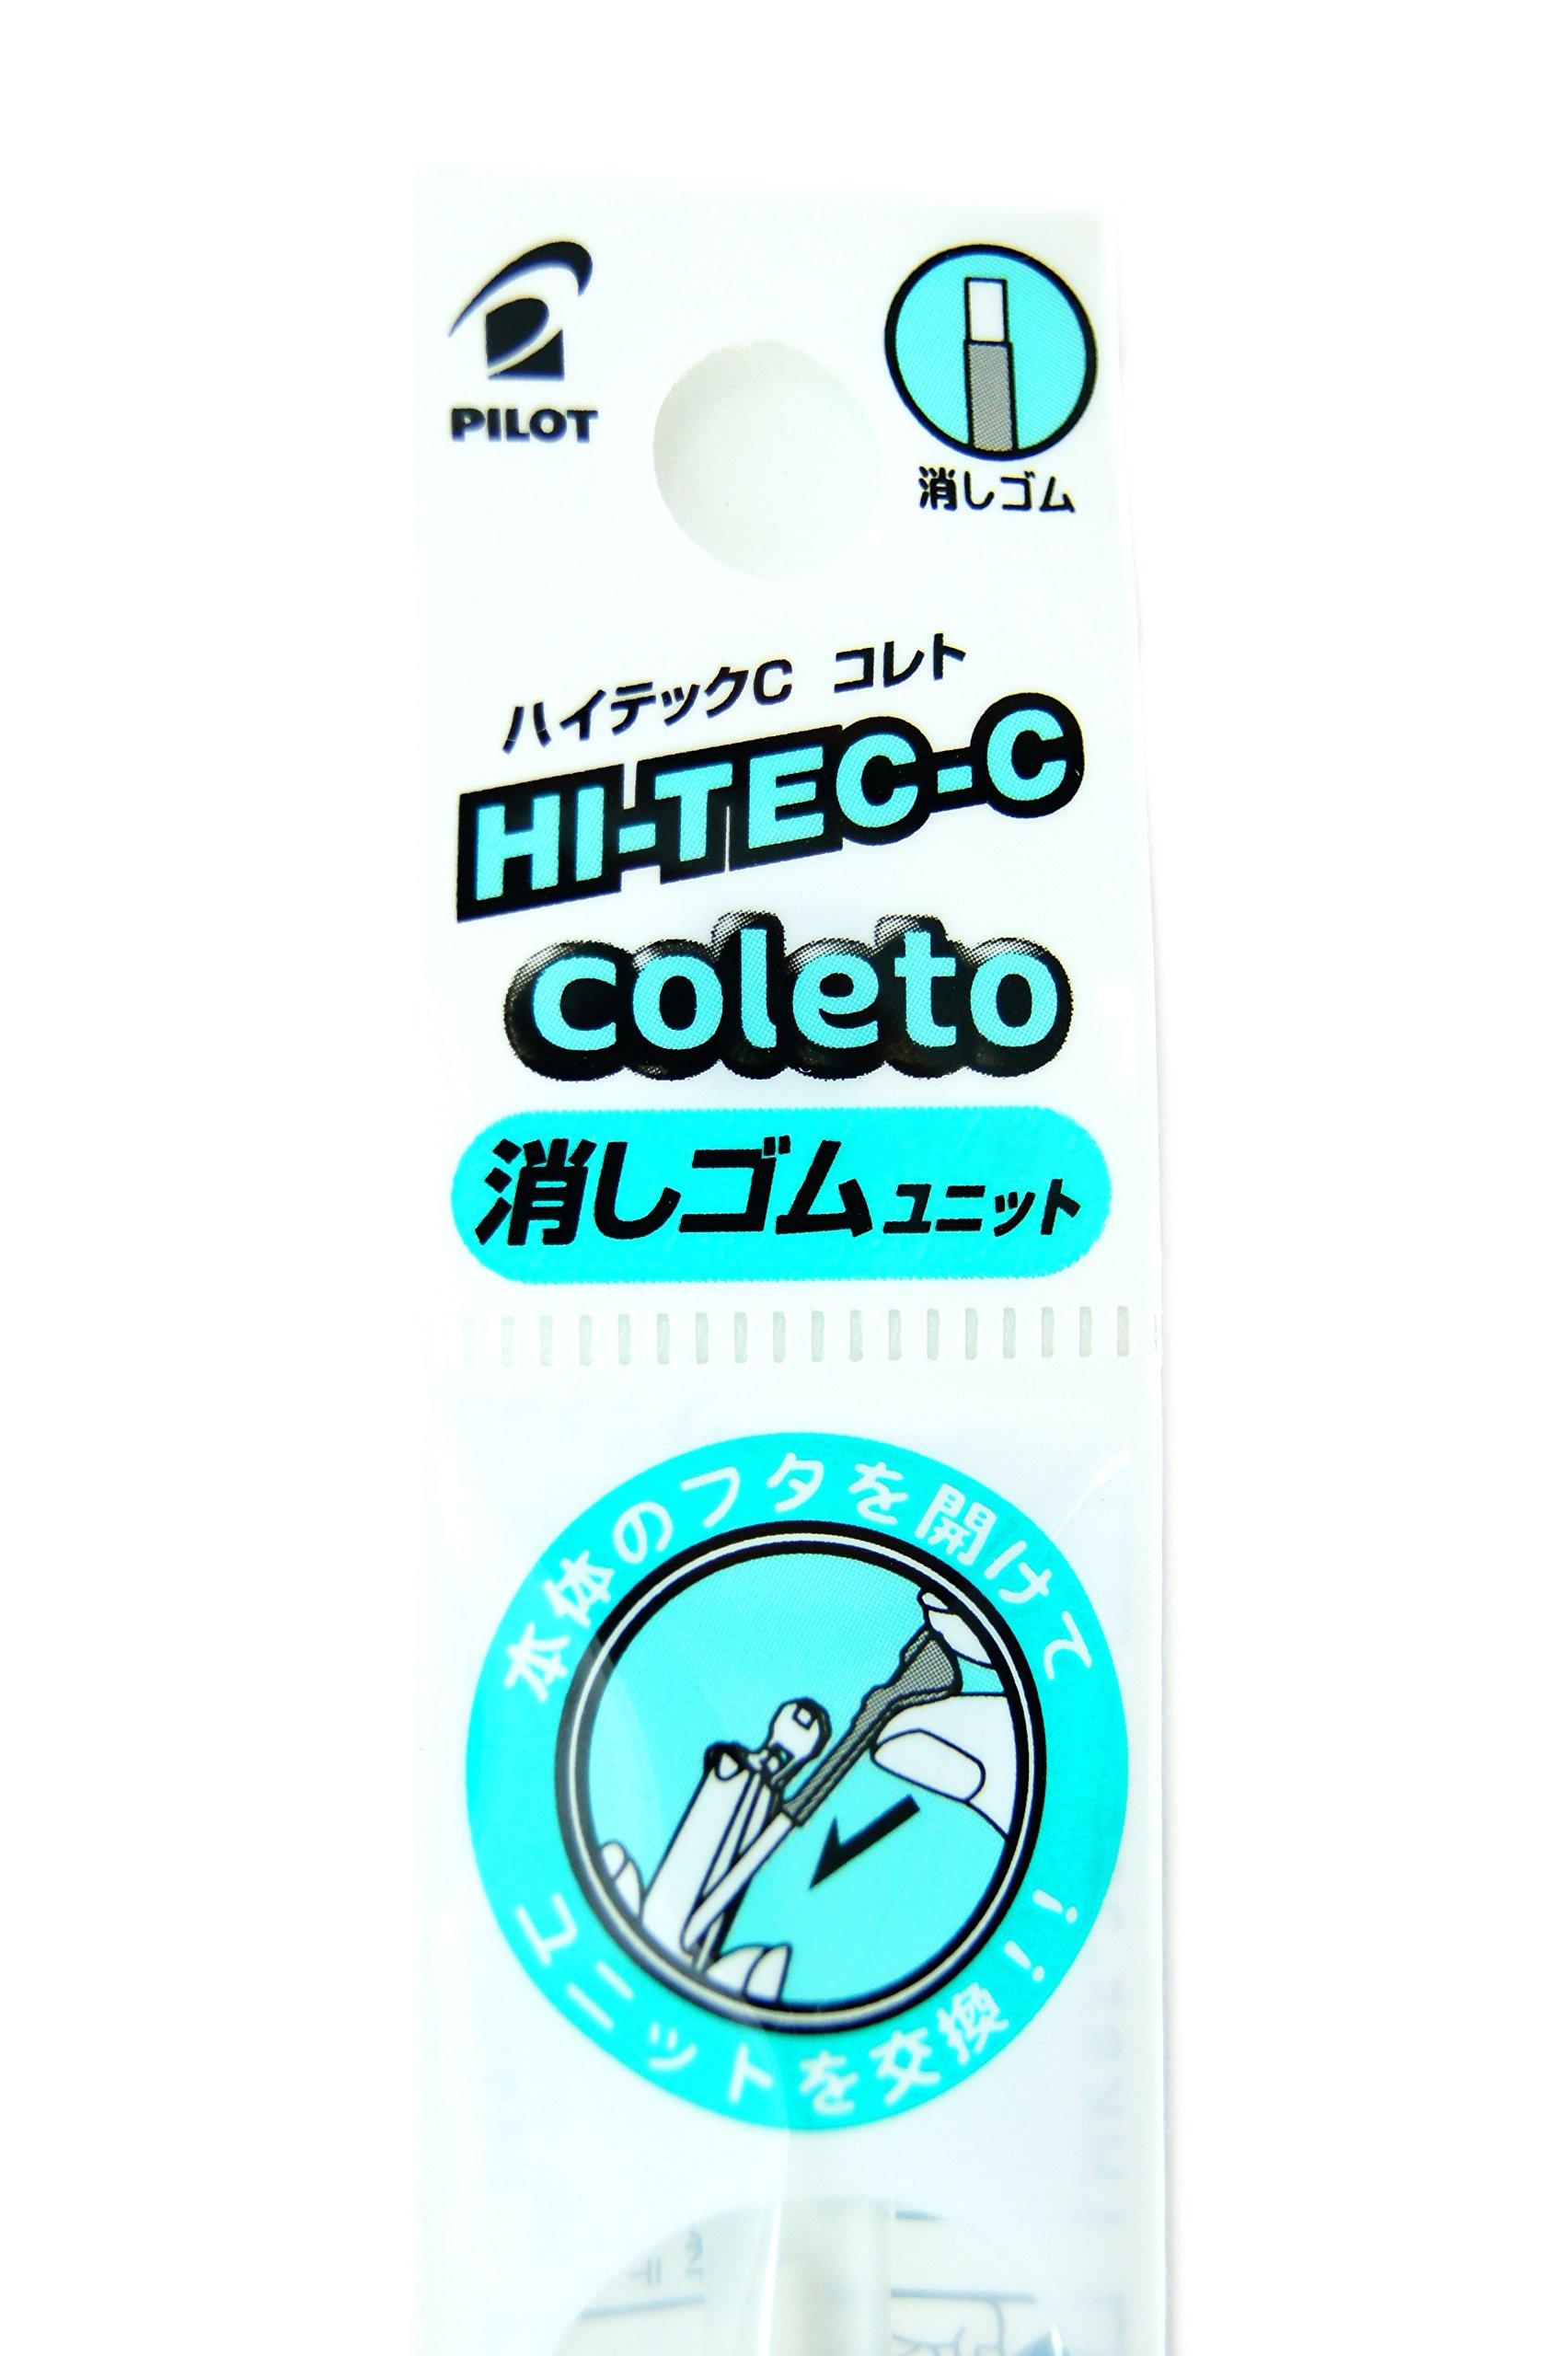 Pilot Hi-tec-c Coleto Gel Ink Pen 0.5mm 15 Color Refills, Mechanical Pencil Unit for 0.5mm Lead, Eraser Unit, Sticky Notes Value Set by Stationery JP (Image #4)